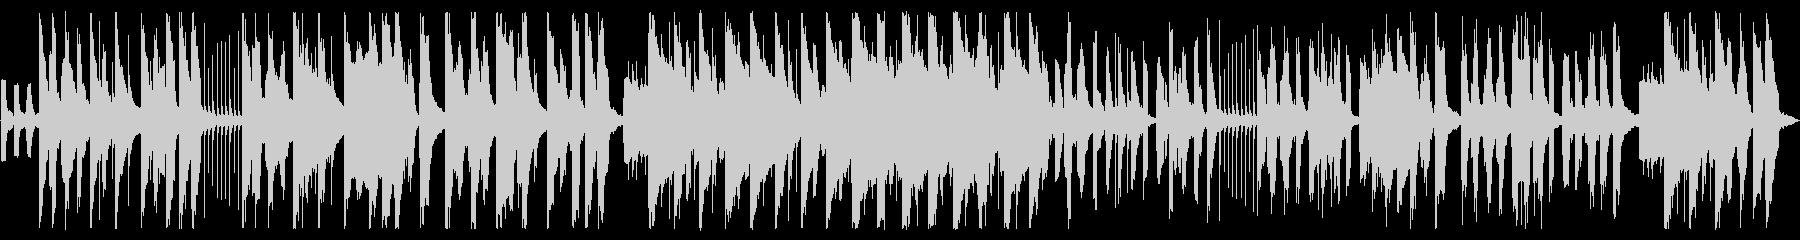 現代の交響曲 可愛い 子ども ファ...の未再生の波形